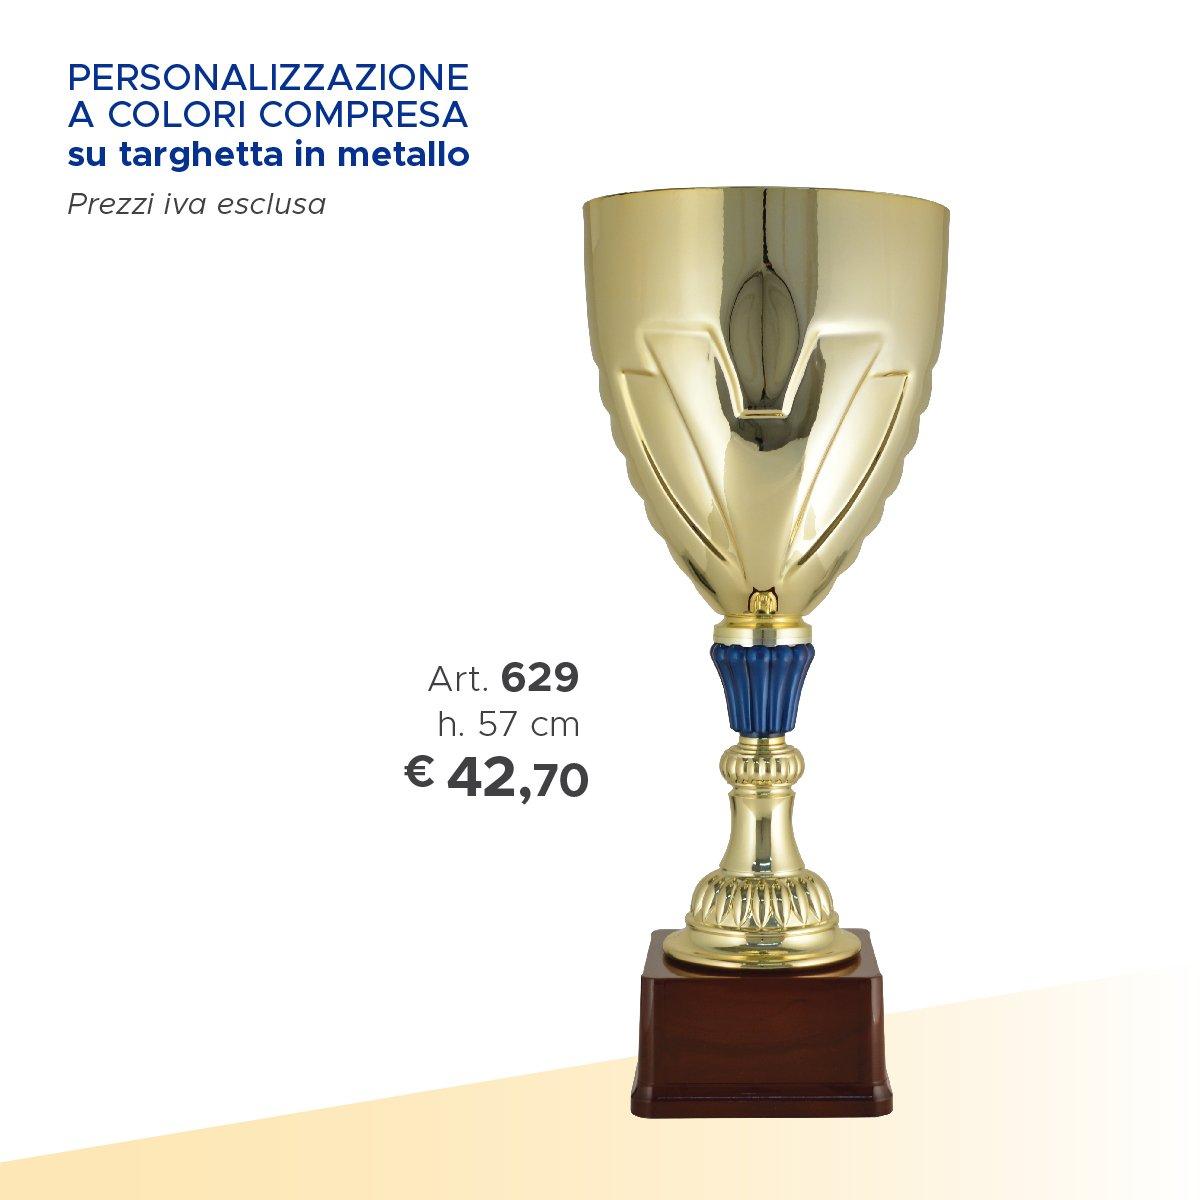 una coppa dorata e accanto i prezzi e le misure